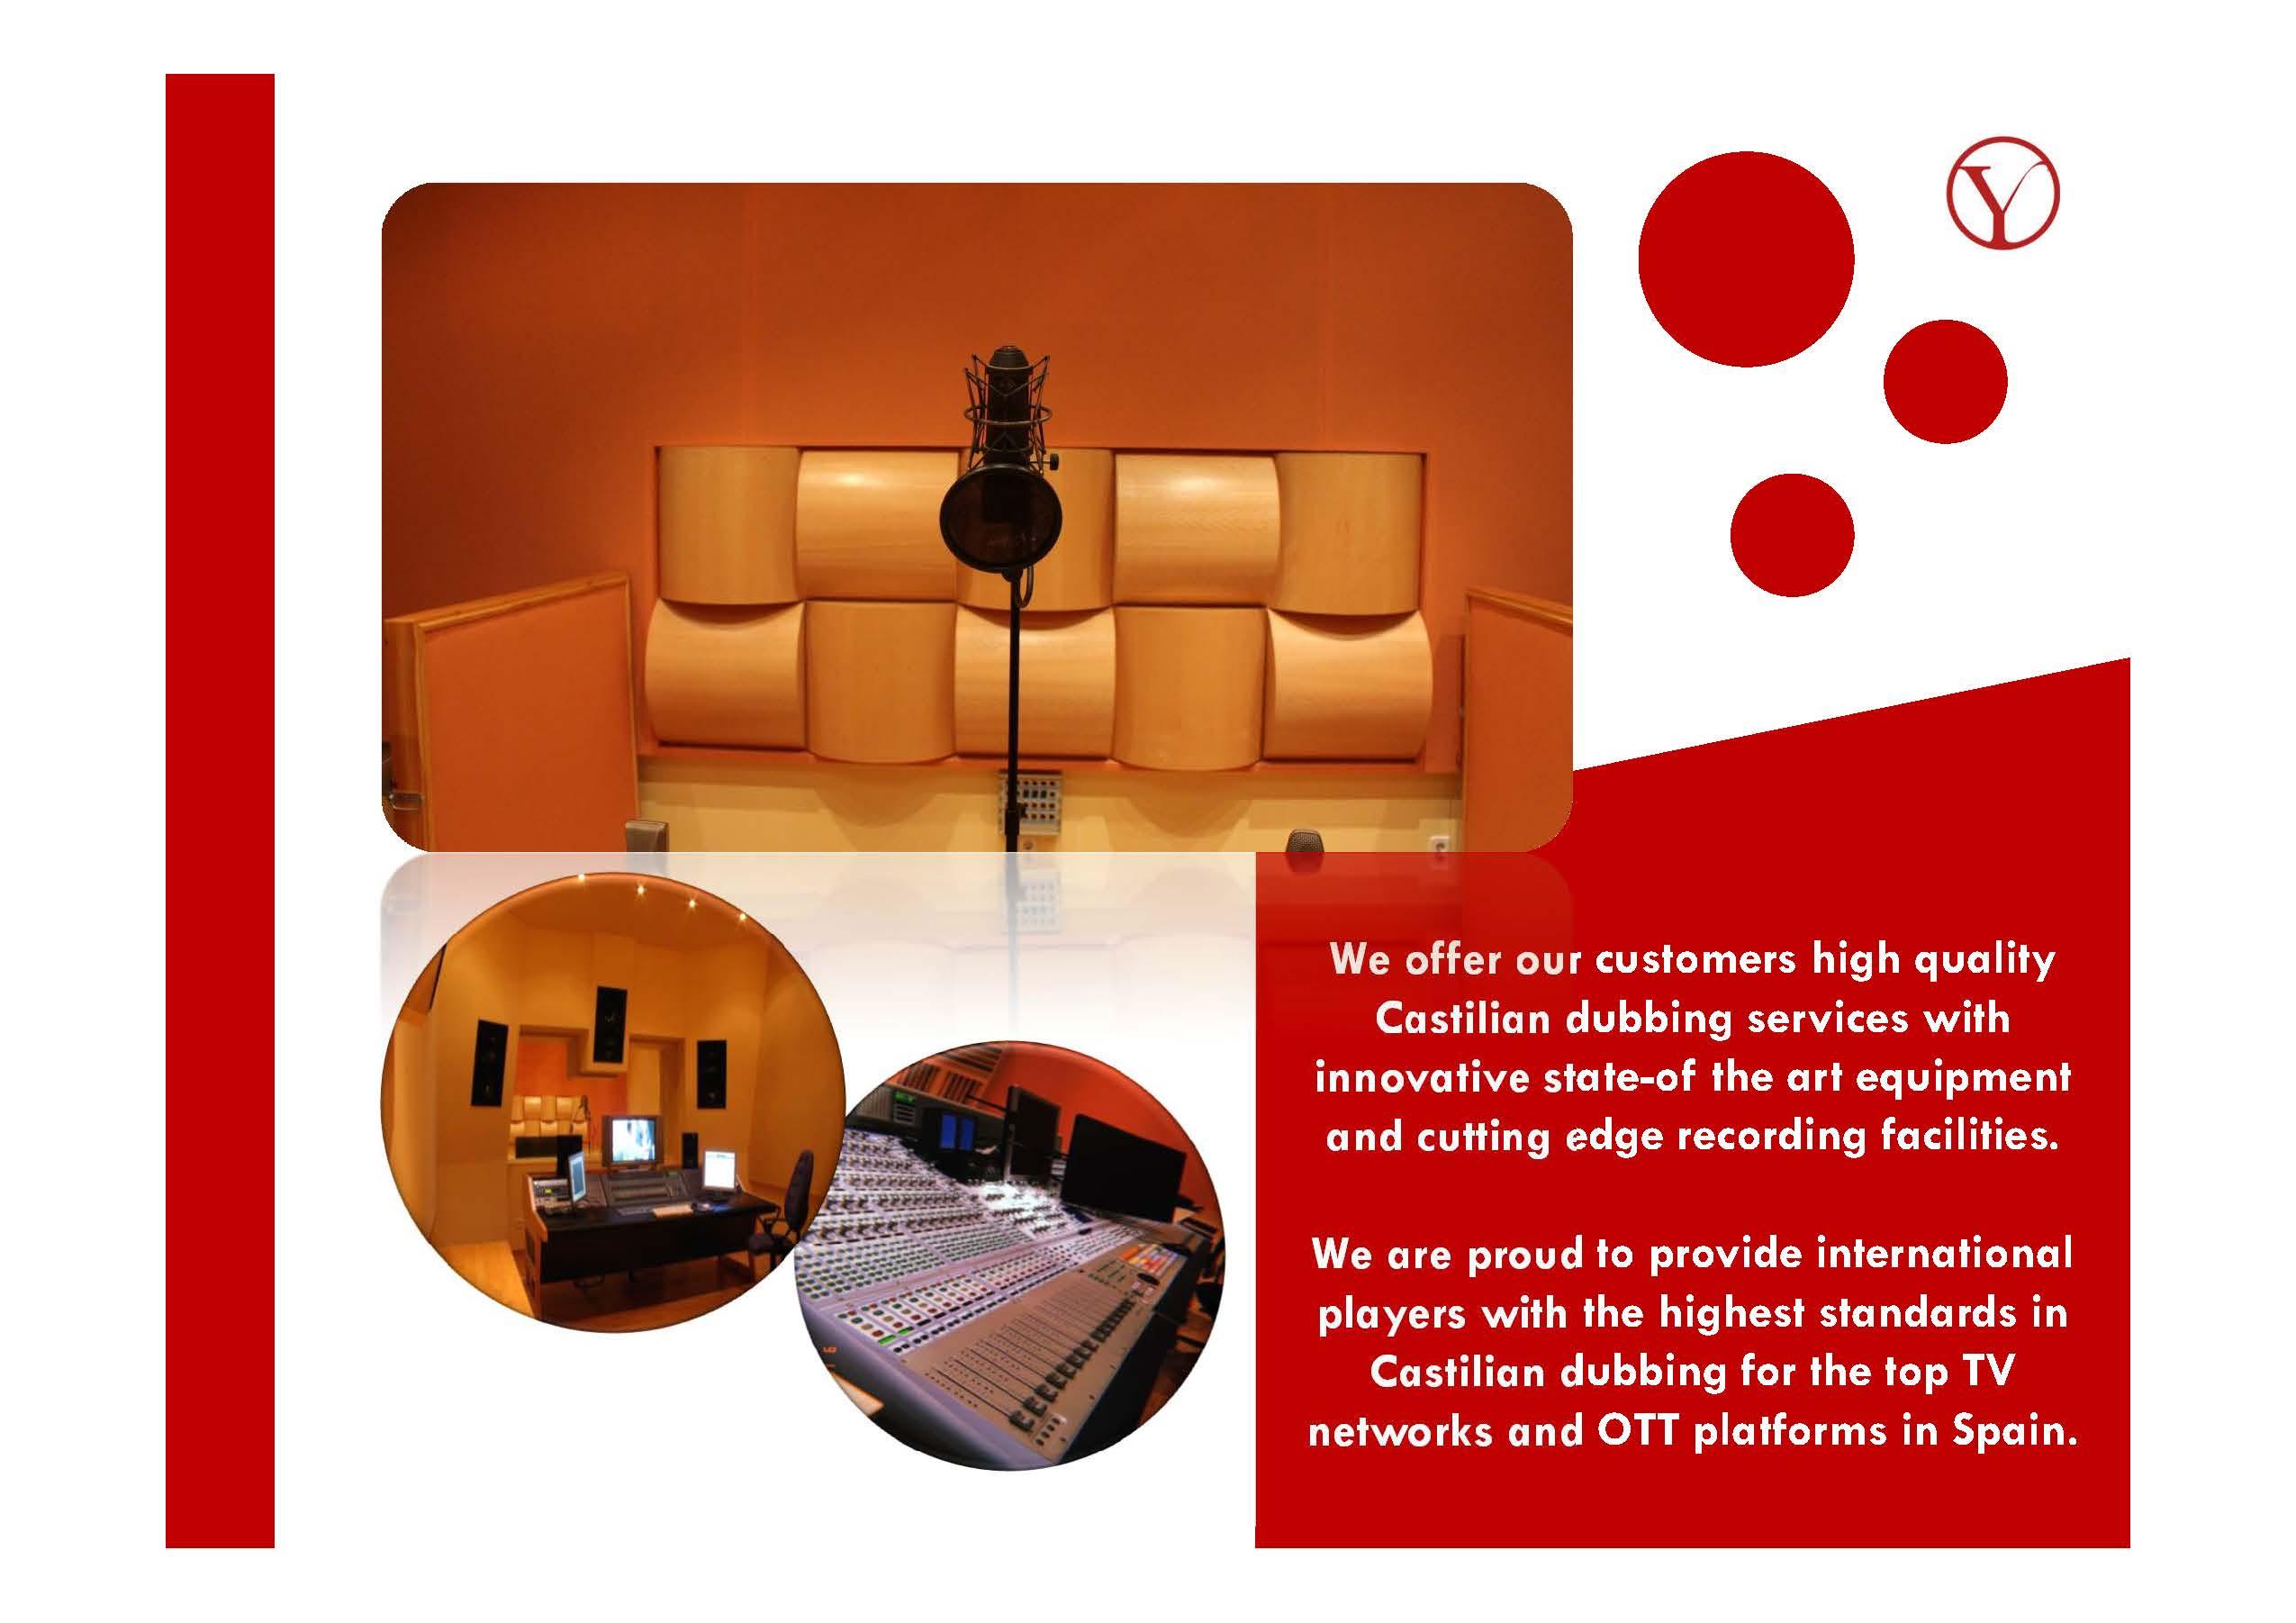 Presentación Dubbing Services 5_Página_02